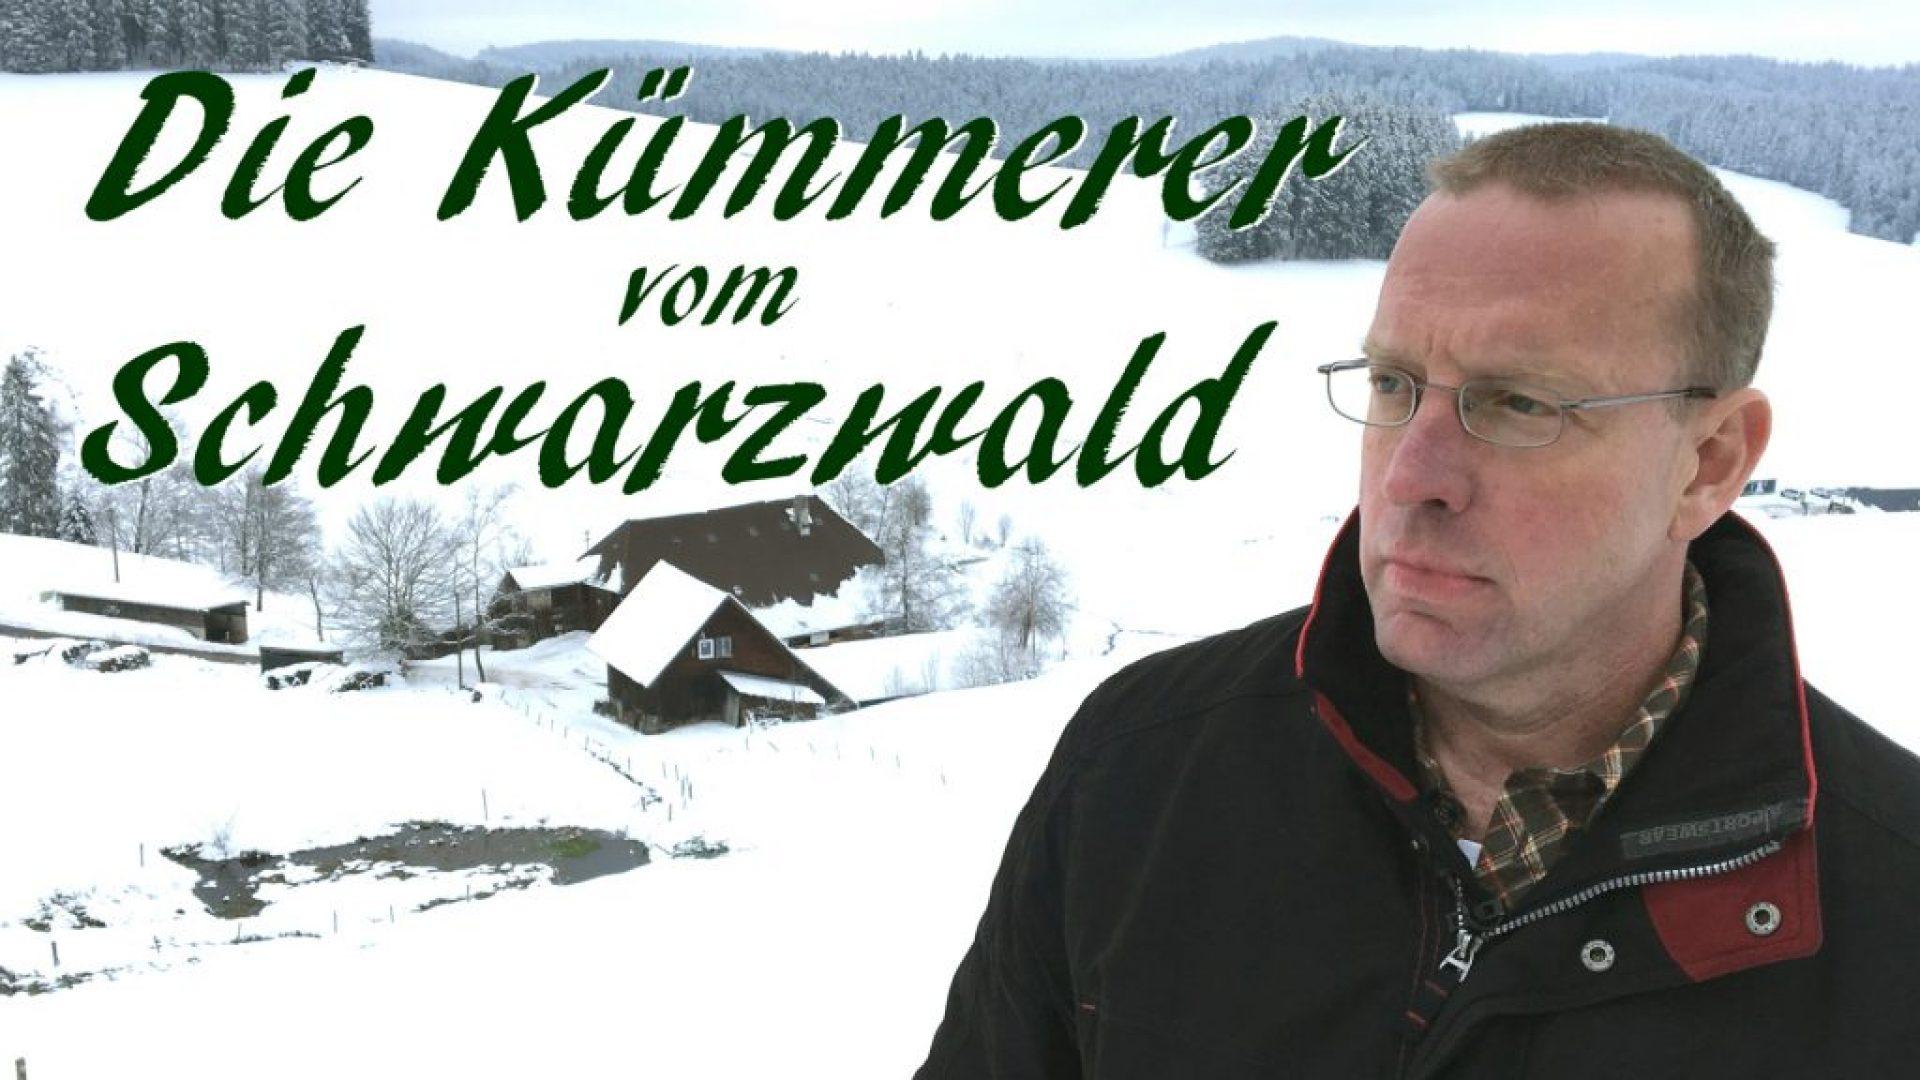 Die Kümmerer vom Schwarzwald